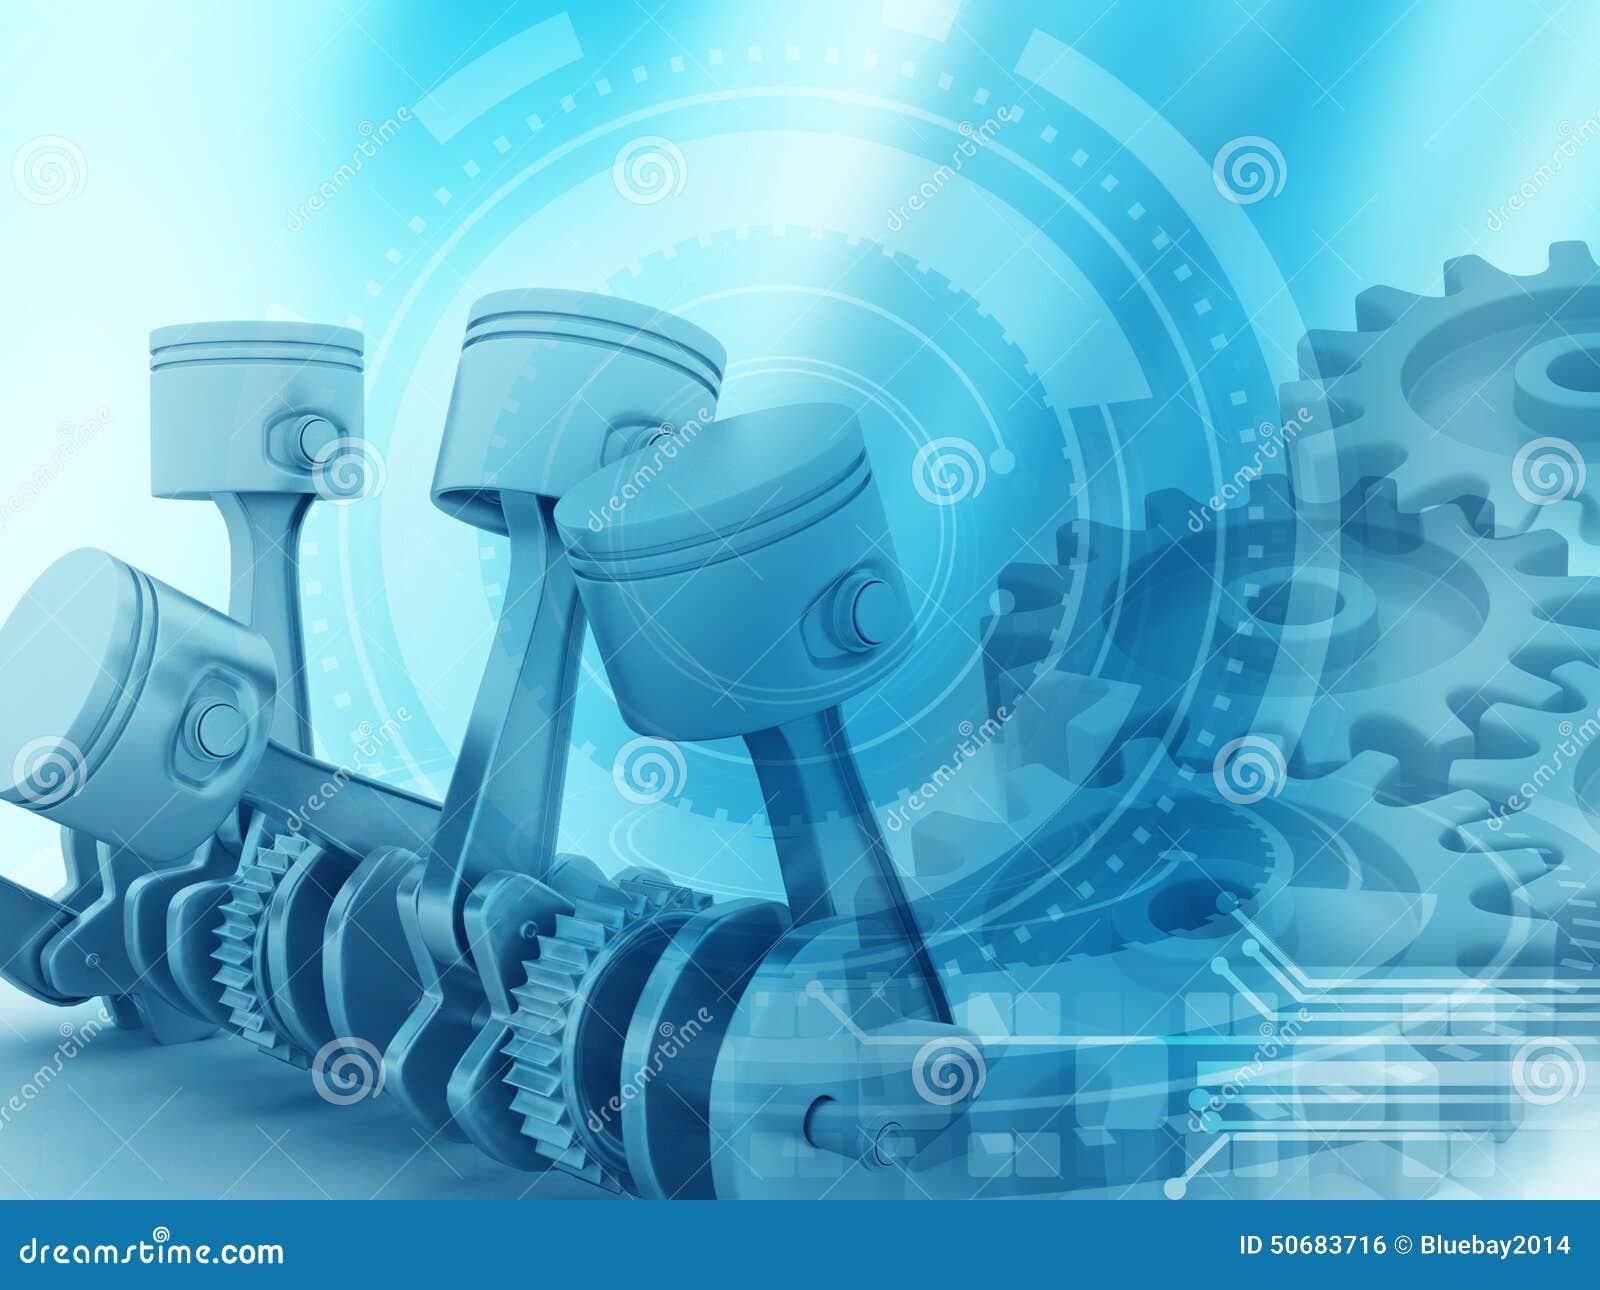 Download 3d引擎活塞和嵌齿轮轮子 库存例证. 插画 包括有 能源, 曲轴, 行业, 次幂, 抽象, 连接数, 活塞 - 50683716